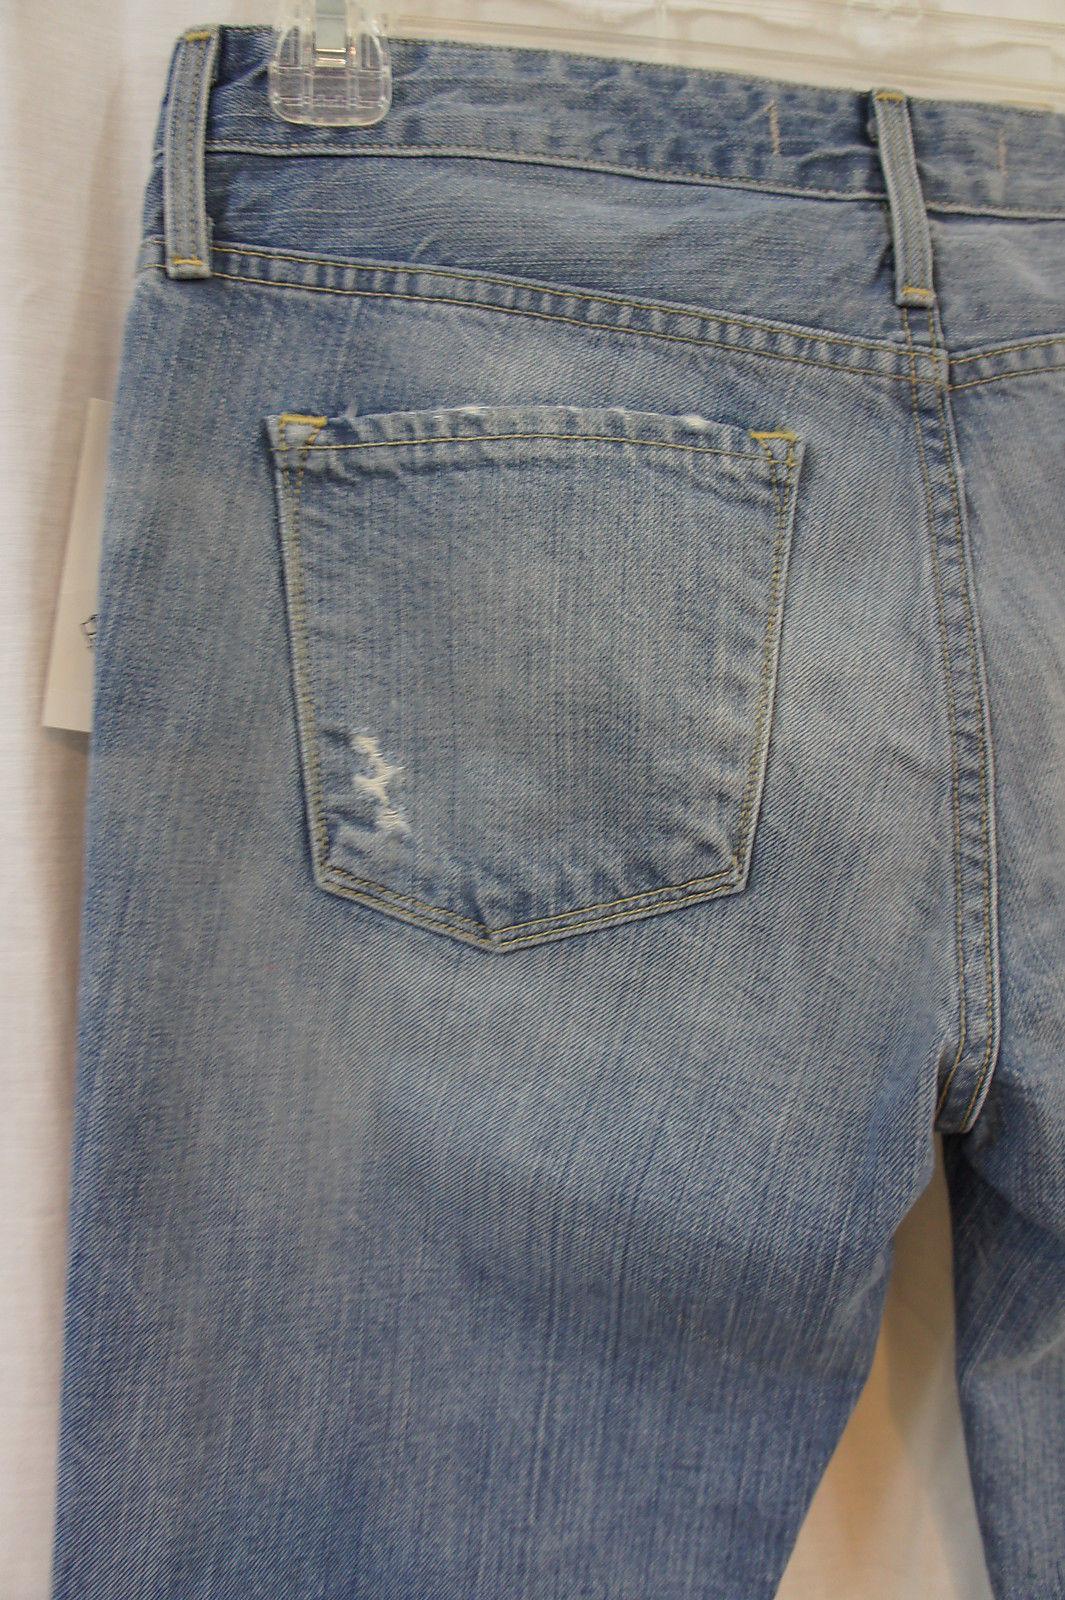 Juicy Jean Couture Sz 27 S Cydell Lavage Relax Étroit Capri Court Décontracté image 7